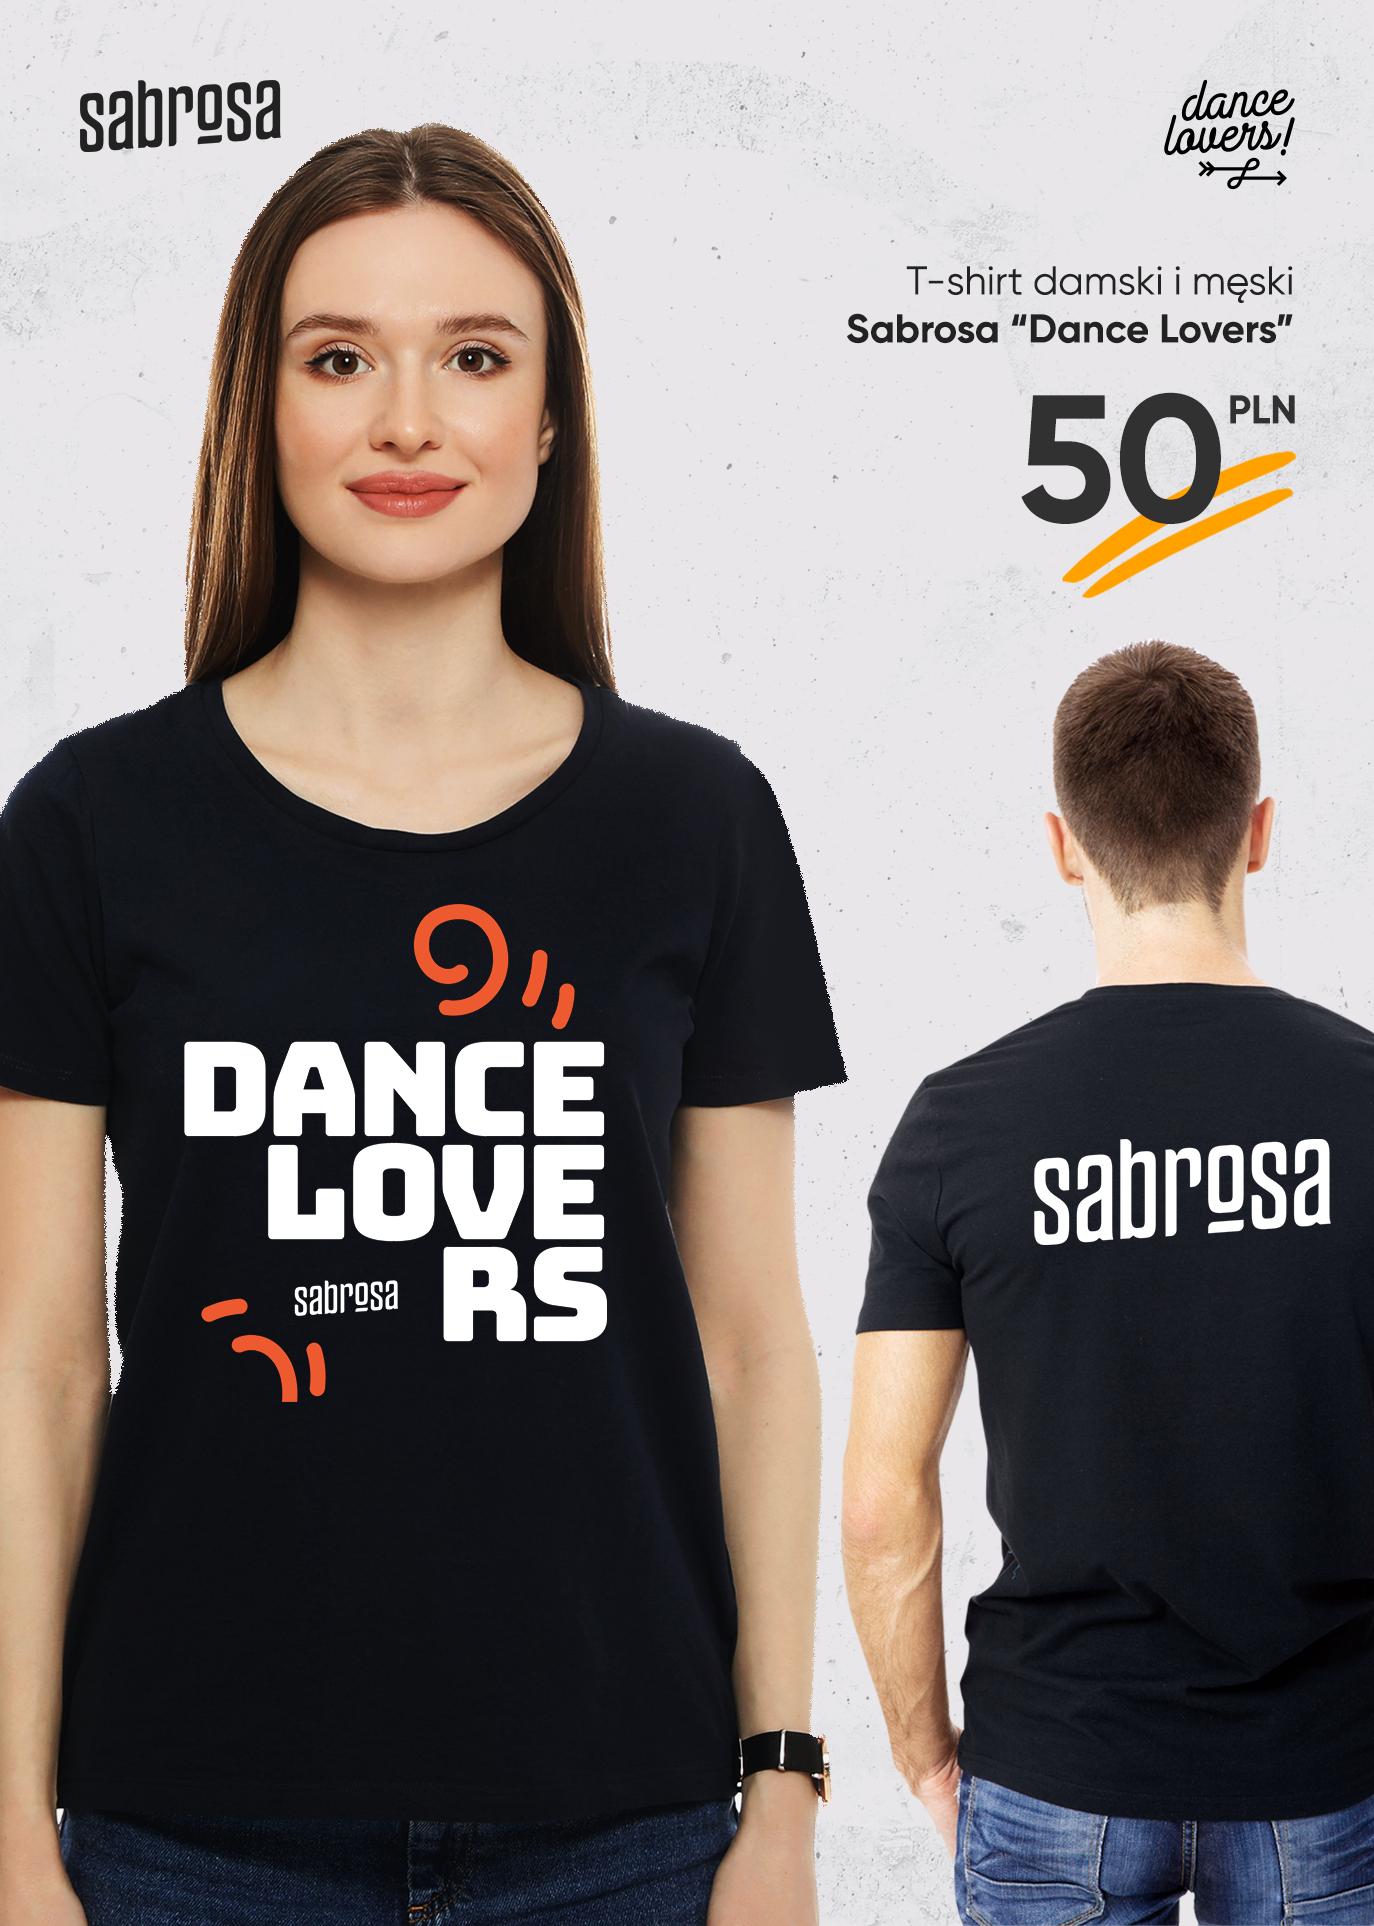 Koszulka <Dance Lovers> w Salsa Sabrosa Dance Studio - Kraków